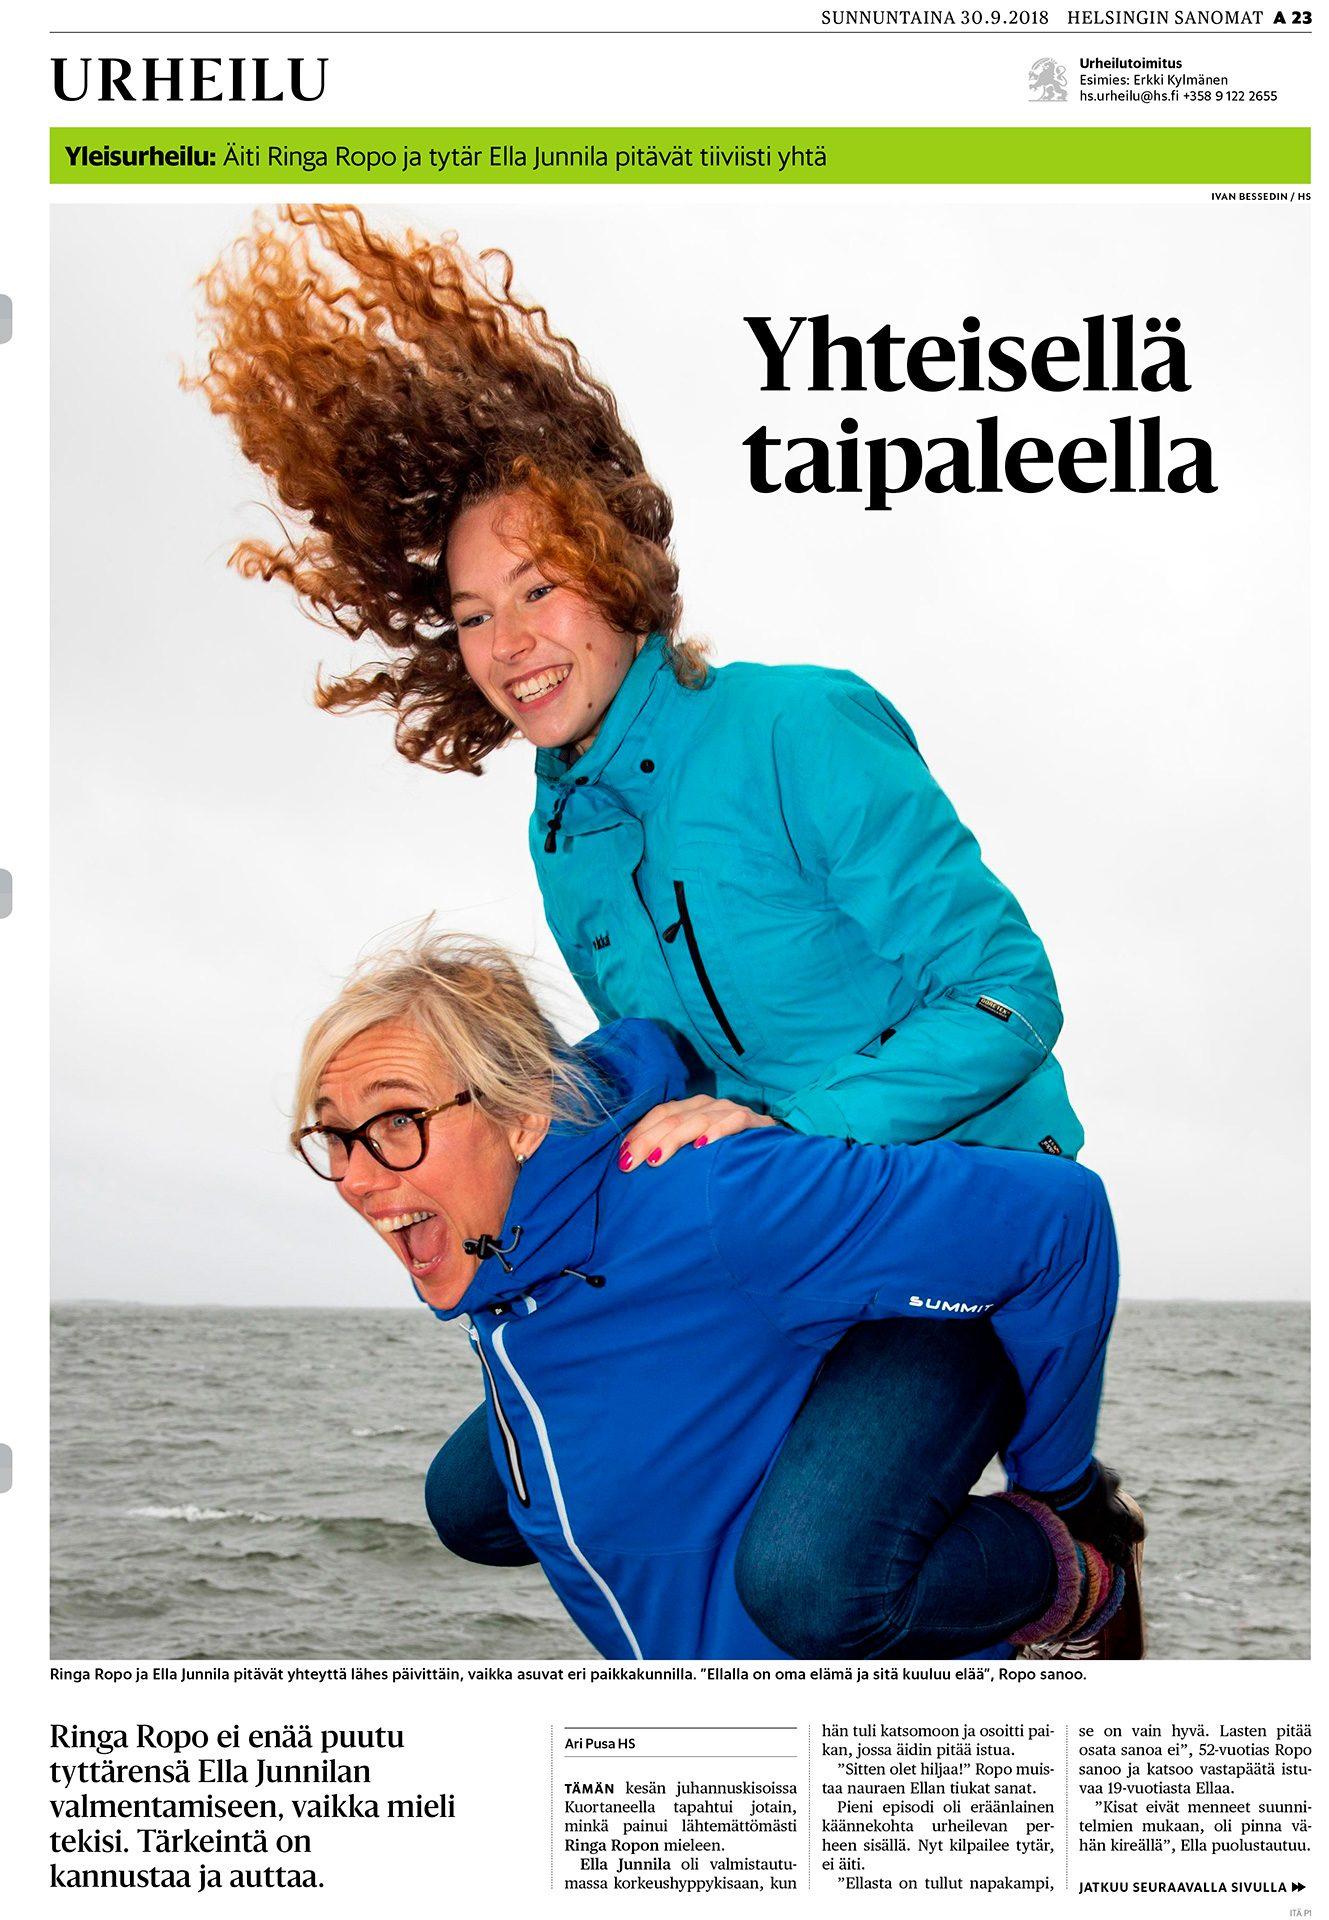 Ringa Ropo, Ella Junnila, Helsinki, suomalainen pitkä hyppääjä, korkeushyppääjä, Pituushyppy, Korkeushyppy, yleisurheilija, Yleisurheilu